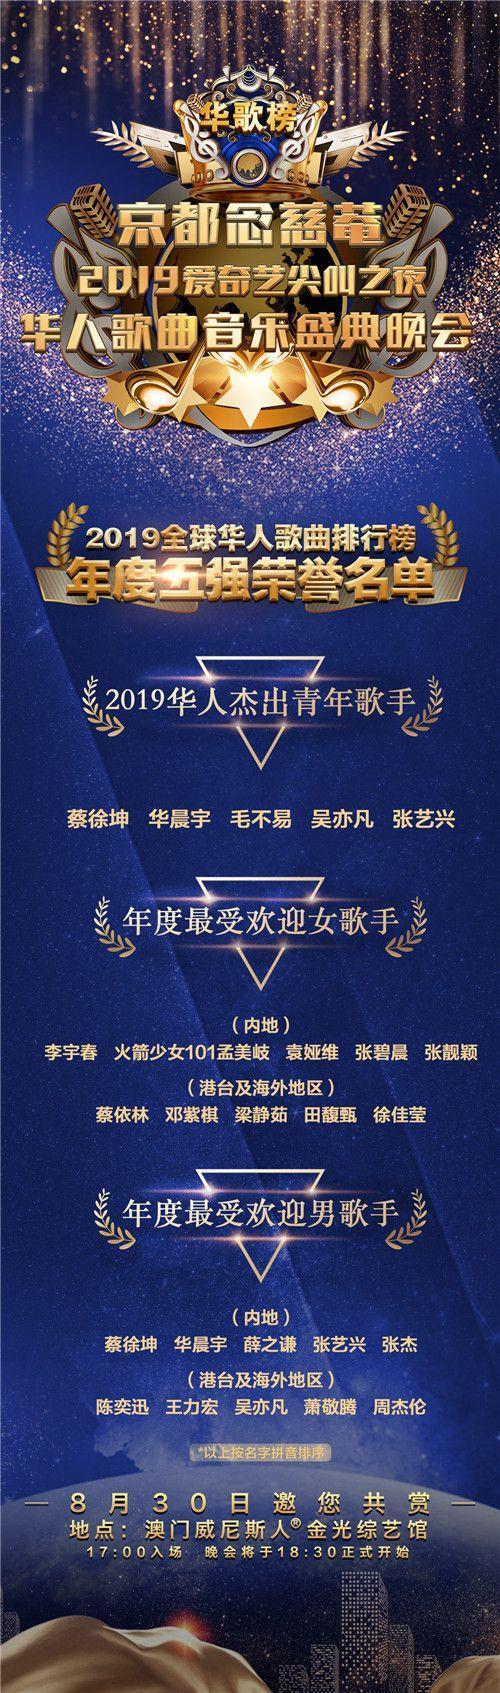 2019《全球华人歌曲排行榜》公布年度五强名单